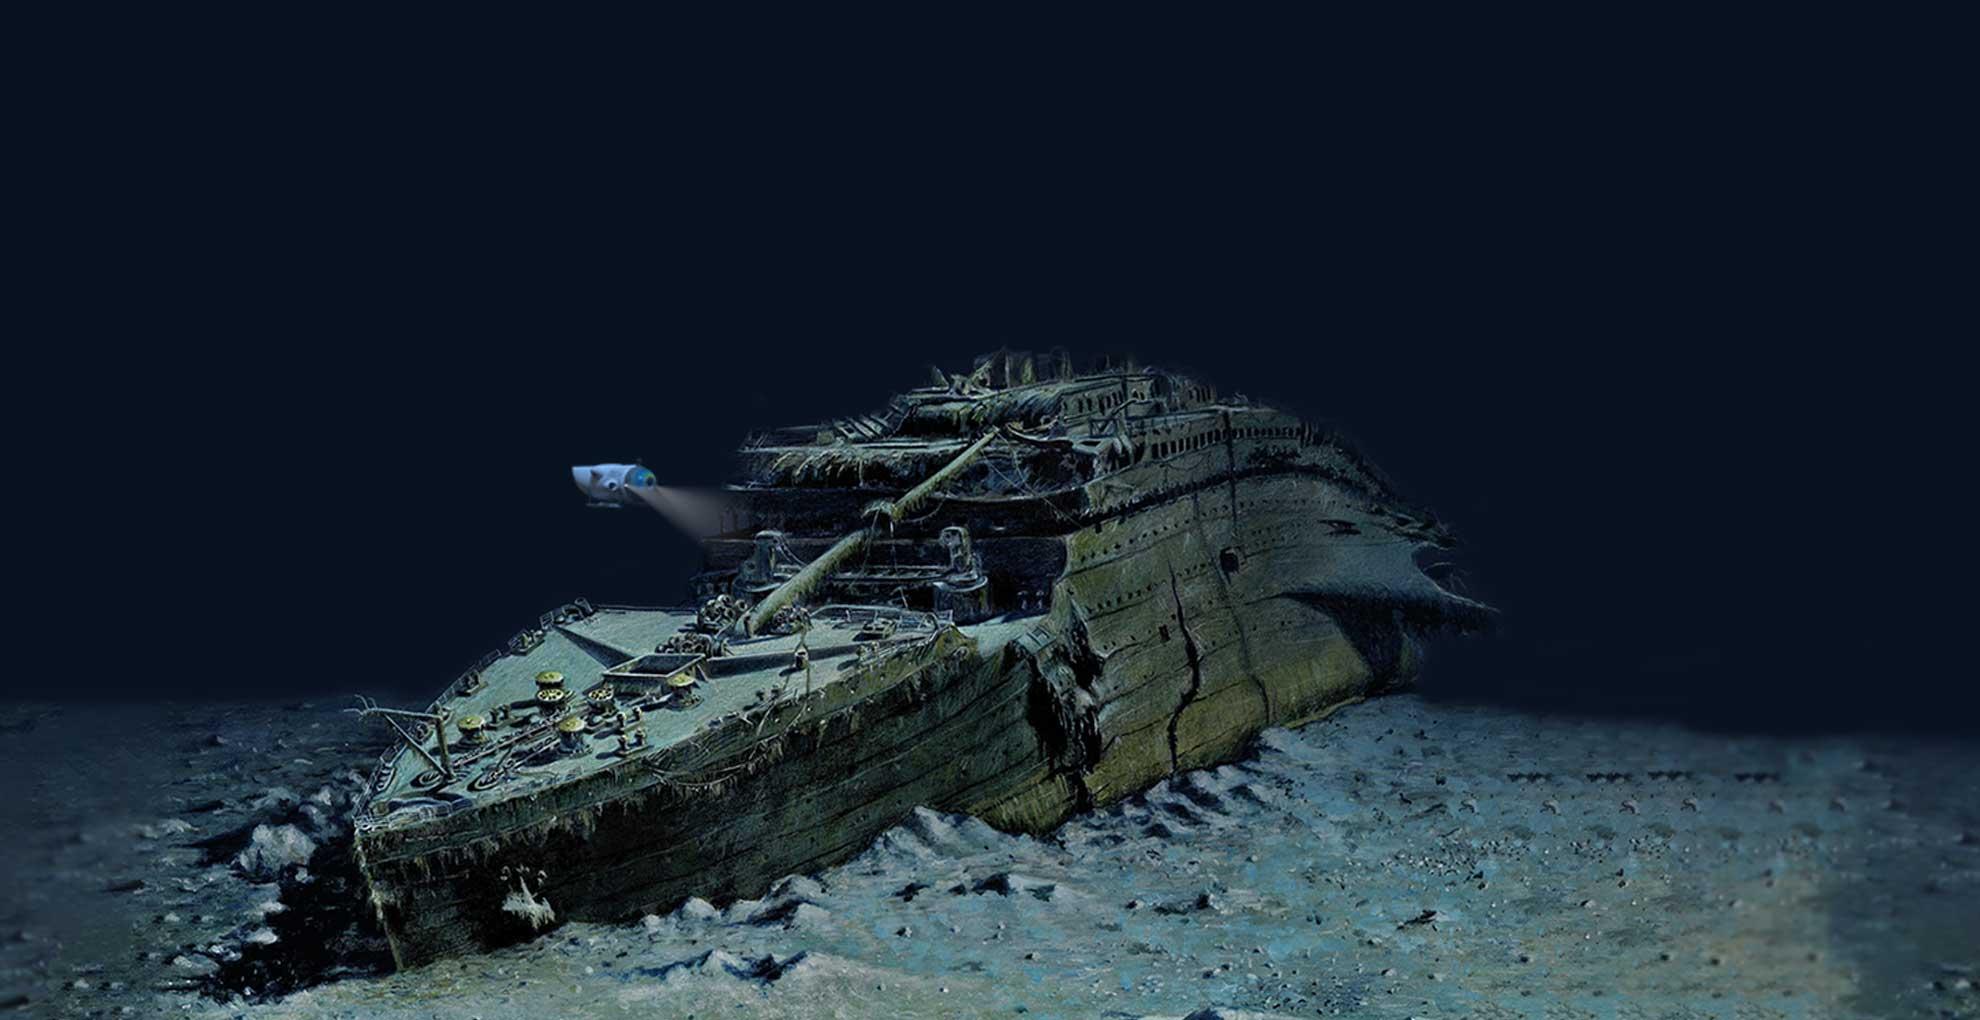 Titanic Survey Expedition: i dettagli del progetto per visitare il relitto thumbnail